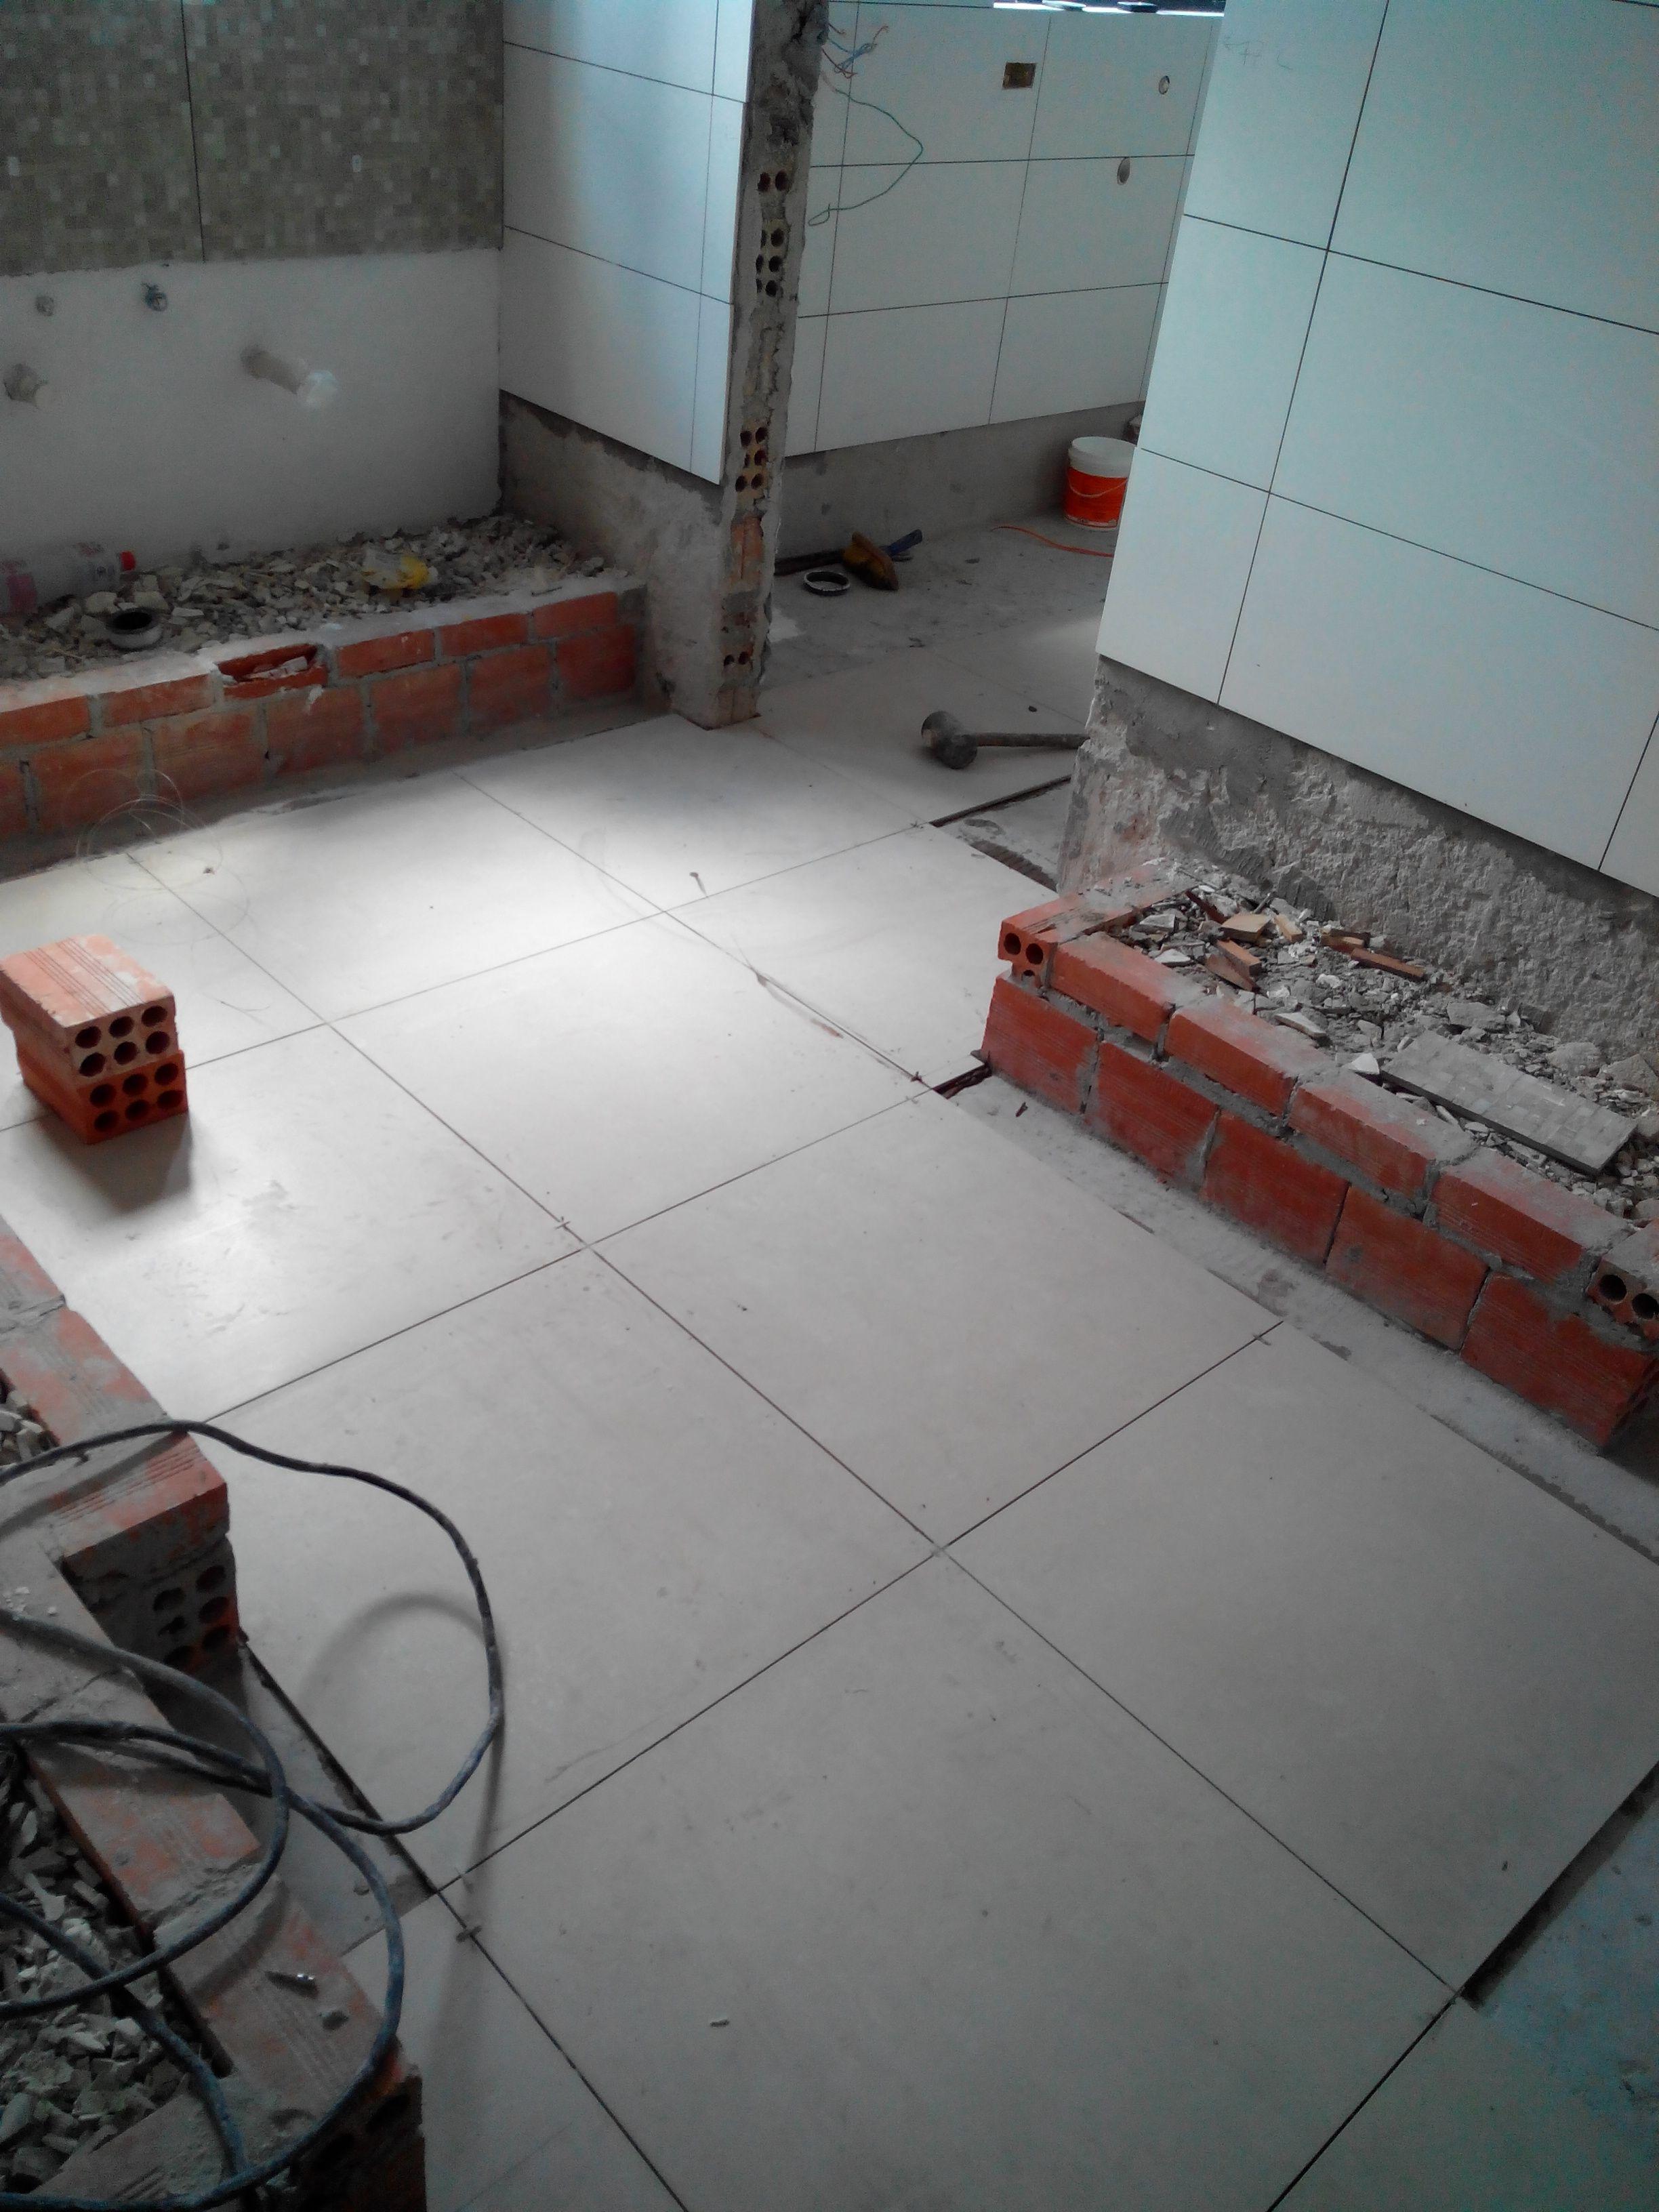 de cerâmica Designs piso de cerâmica and Adesivos hidraulicos #603730 2448x3264 Adesivos Hidraulicos Banheiro